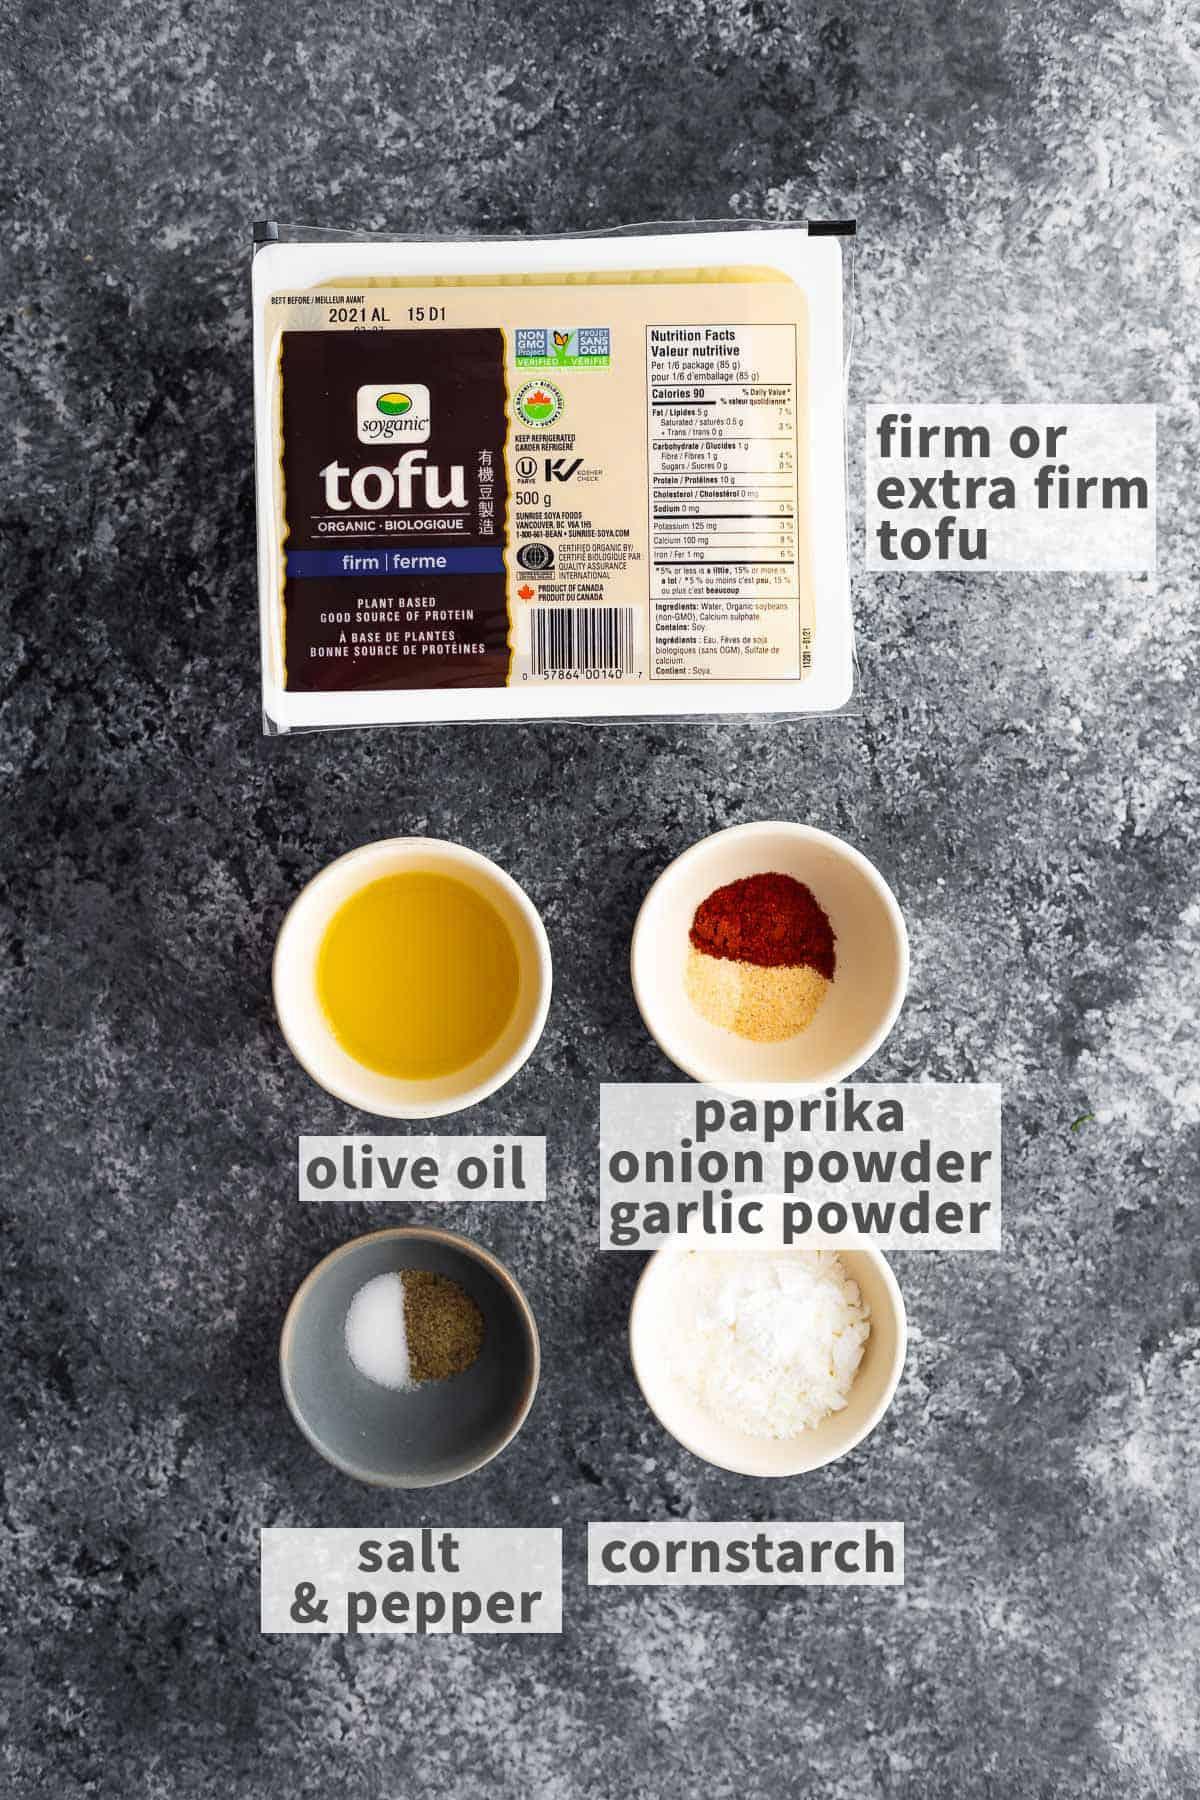 çıtır pişmiş tofu yapmak için gerekli malzemeler